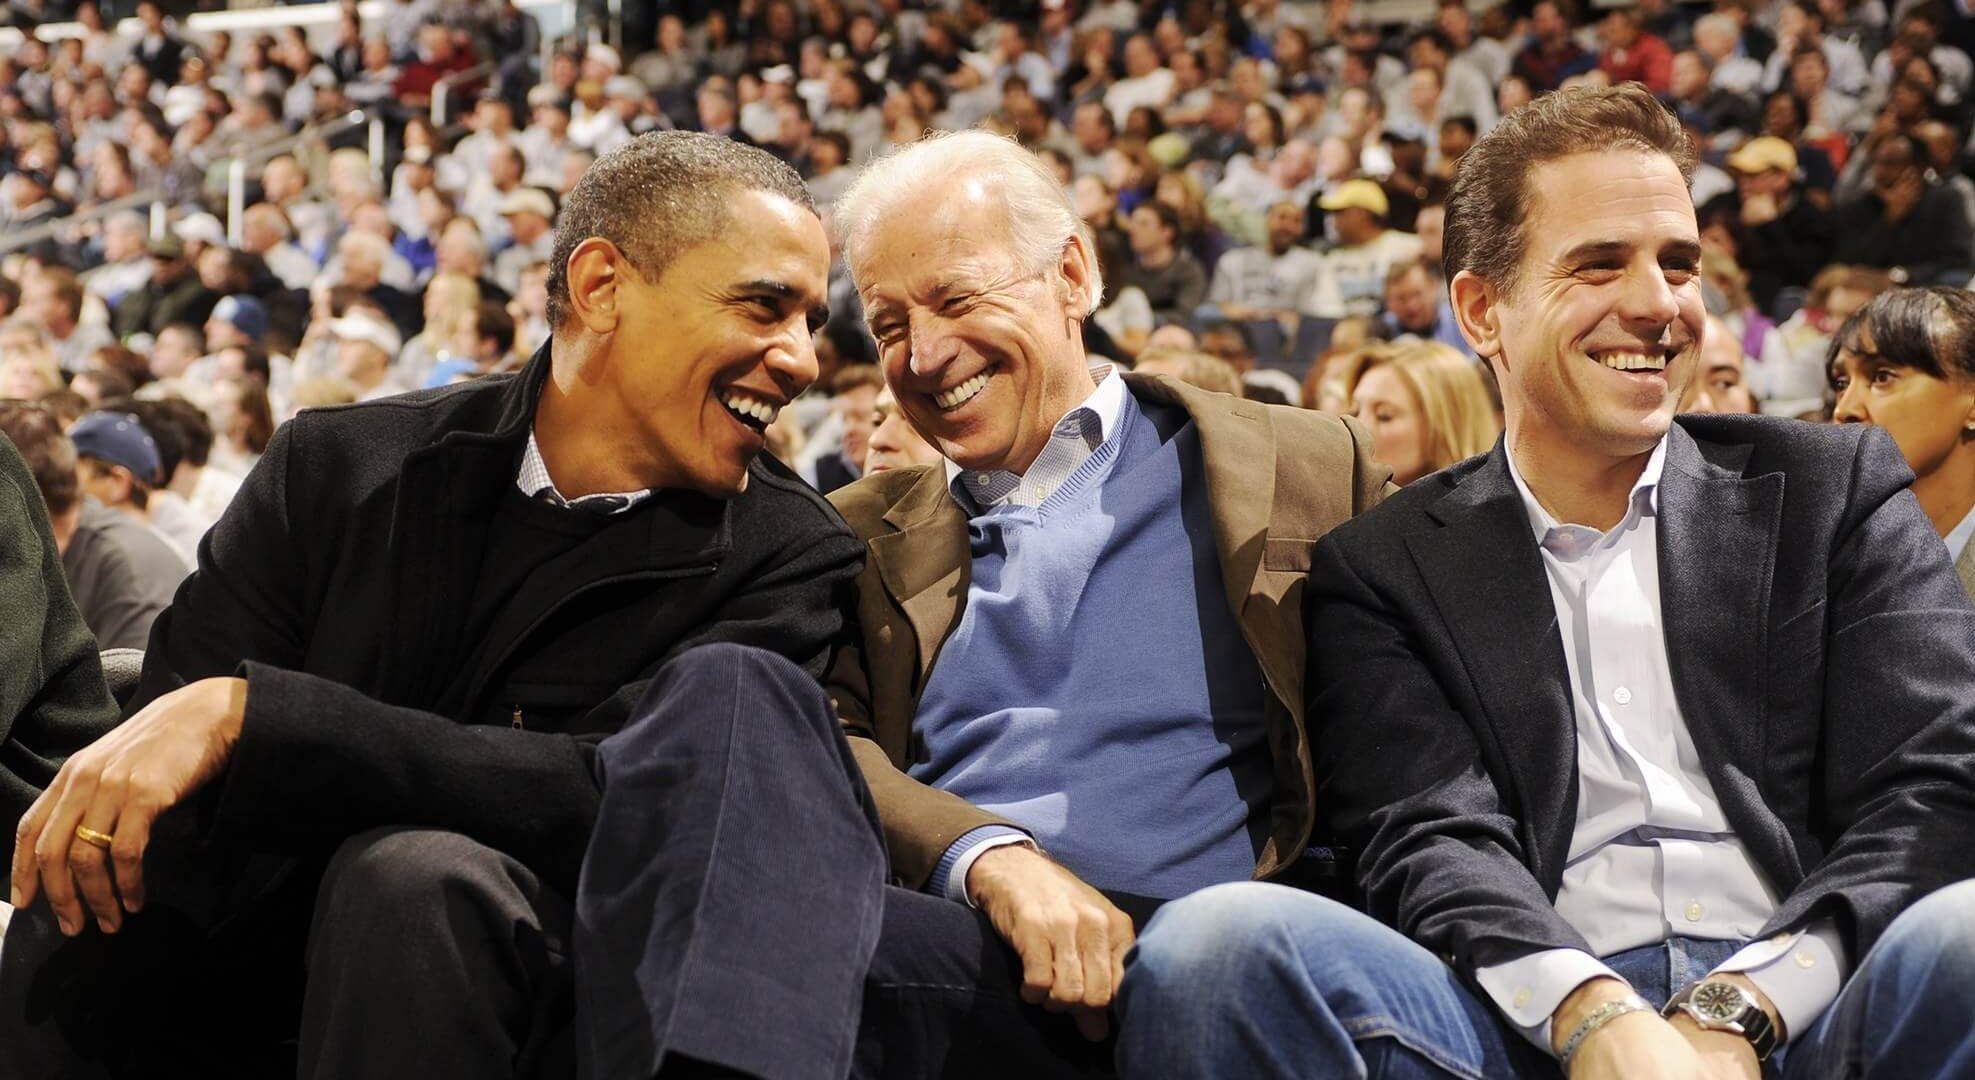 лидеры демократов Барак Хуссейнович Обама и Байден с сыном